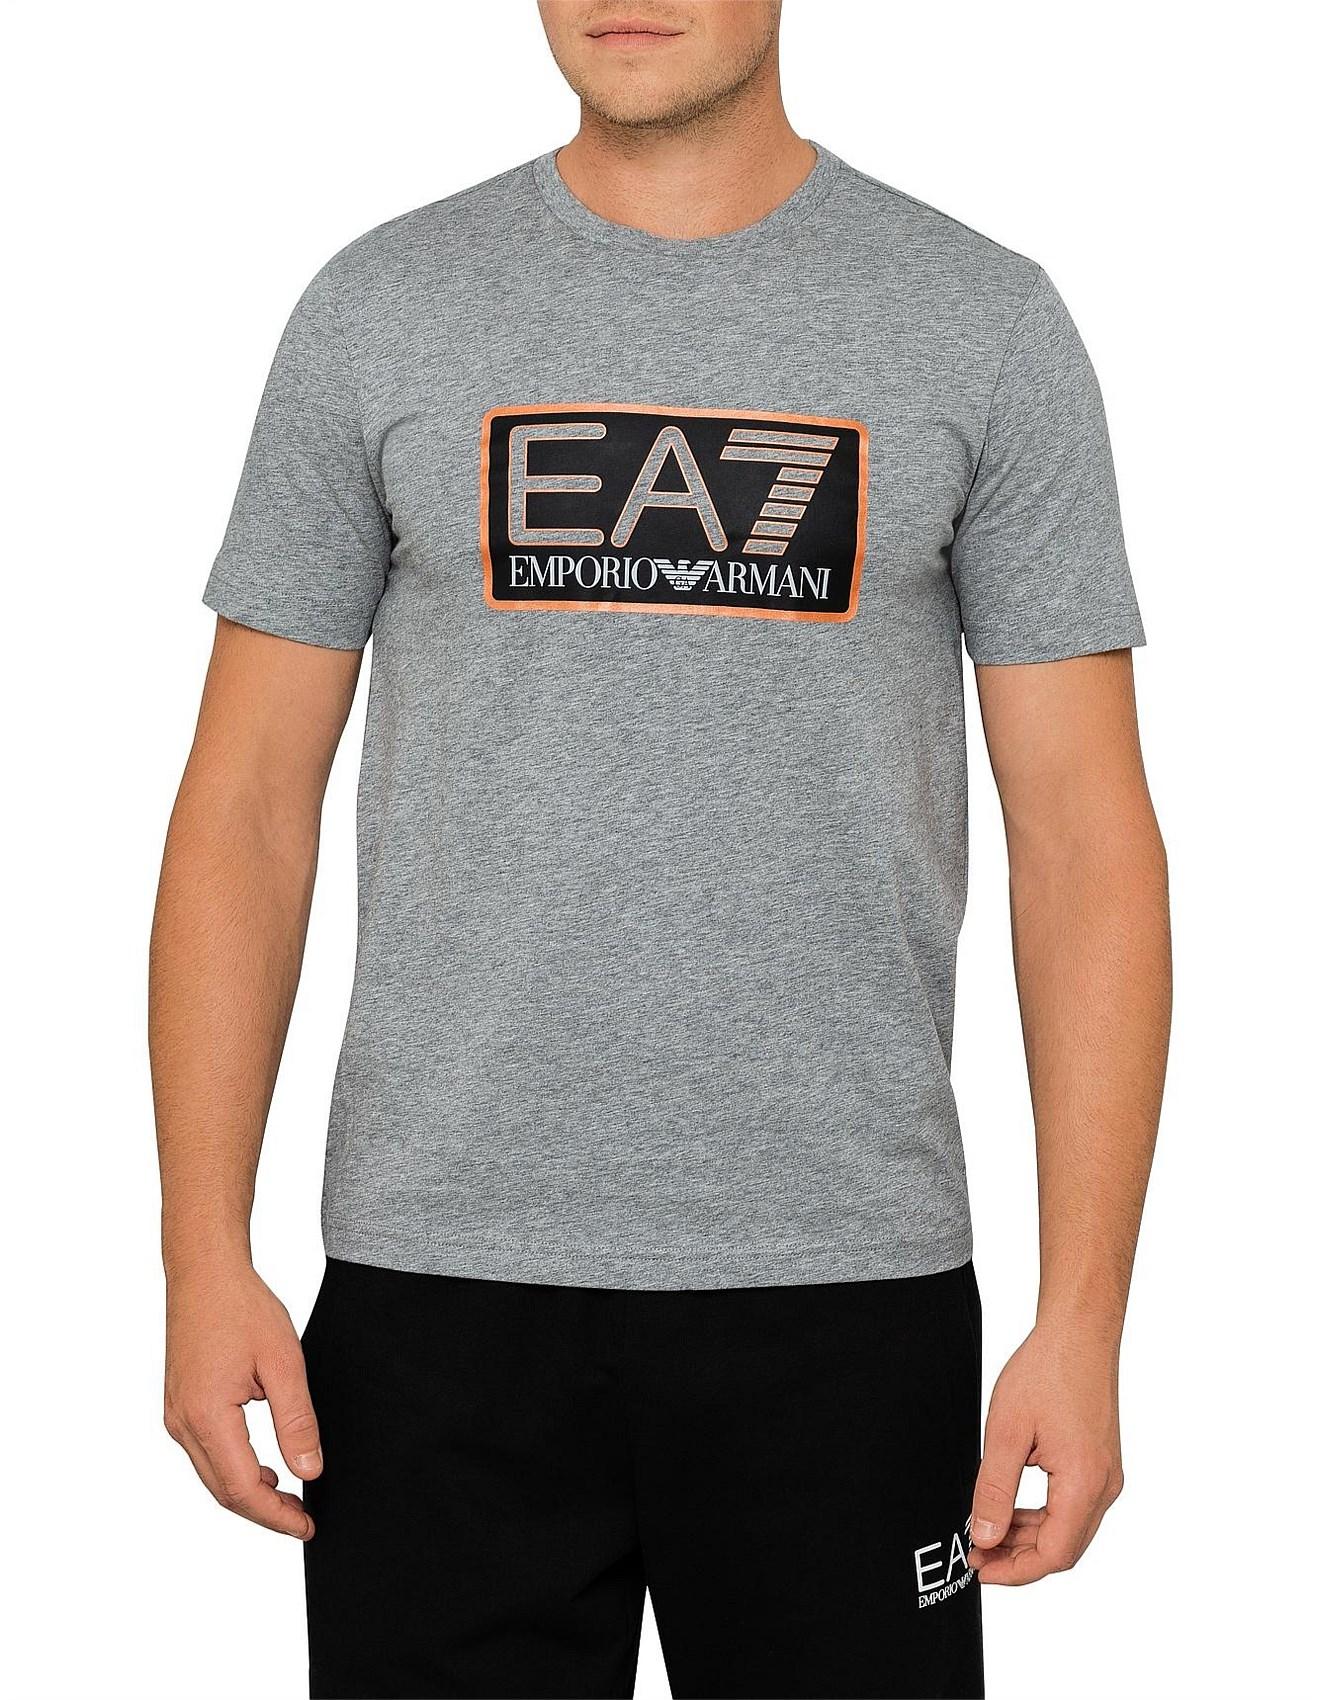 d0e01a86 T-Shirts - EA7 T-SHIRT